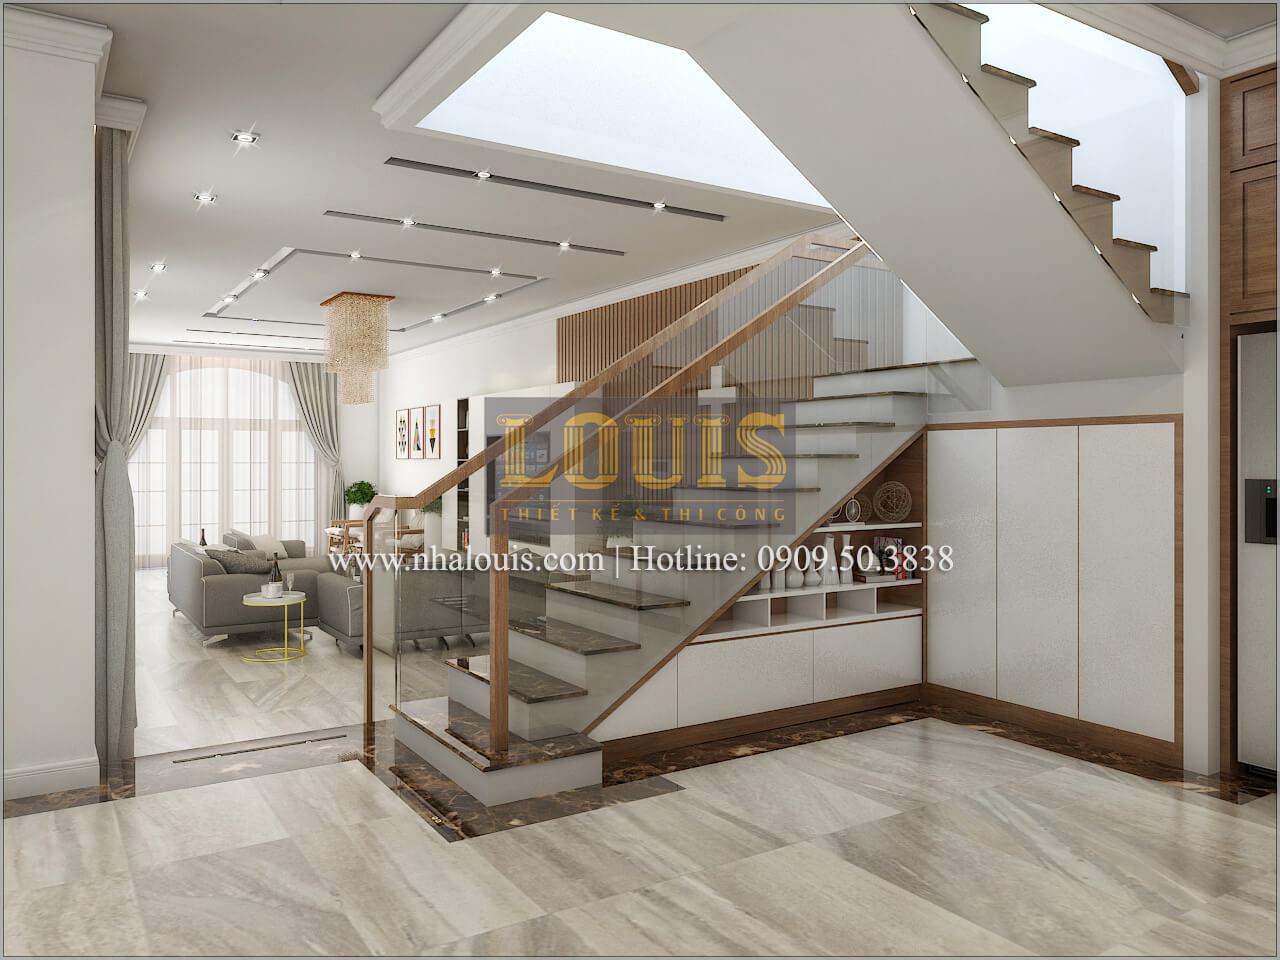 cầu thang Thiết kế biệt thự phong cách cổ điểnđẹp kết hợp kinh doanh tạiĐồng Nai